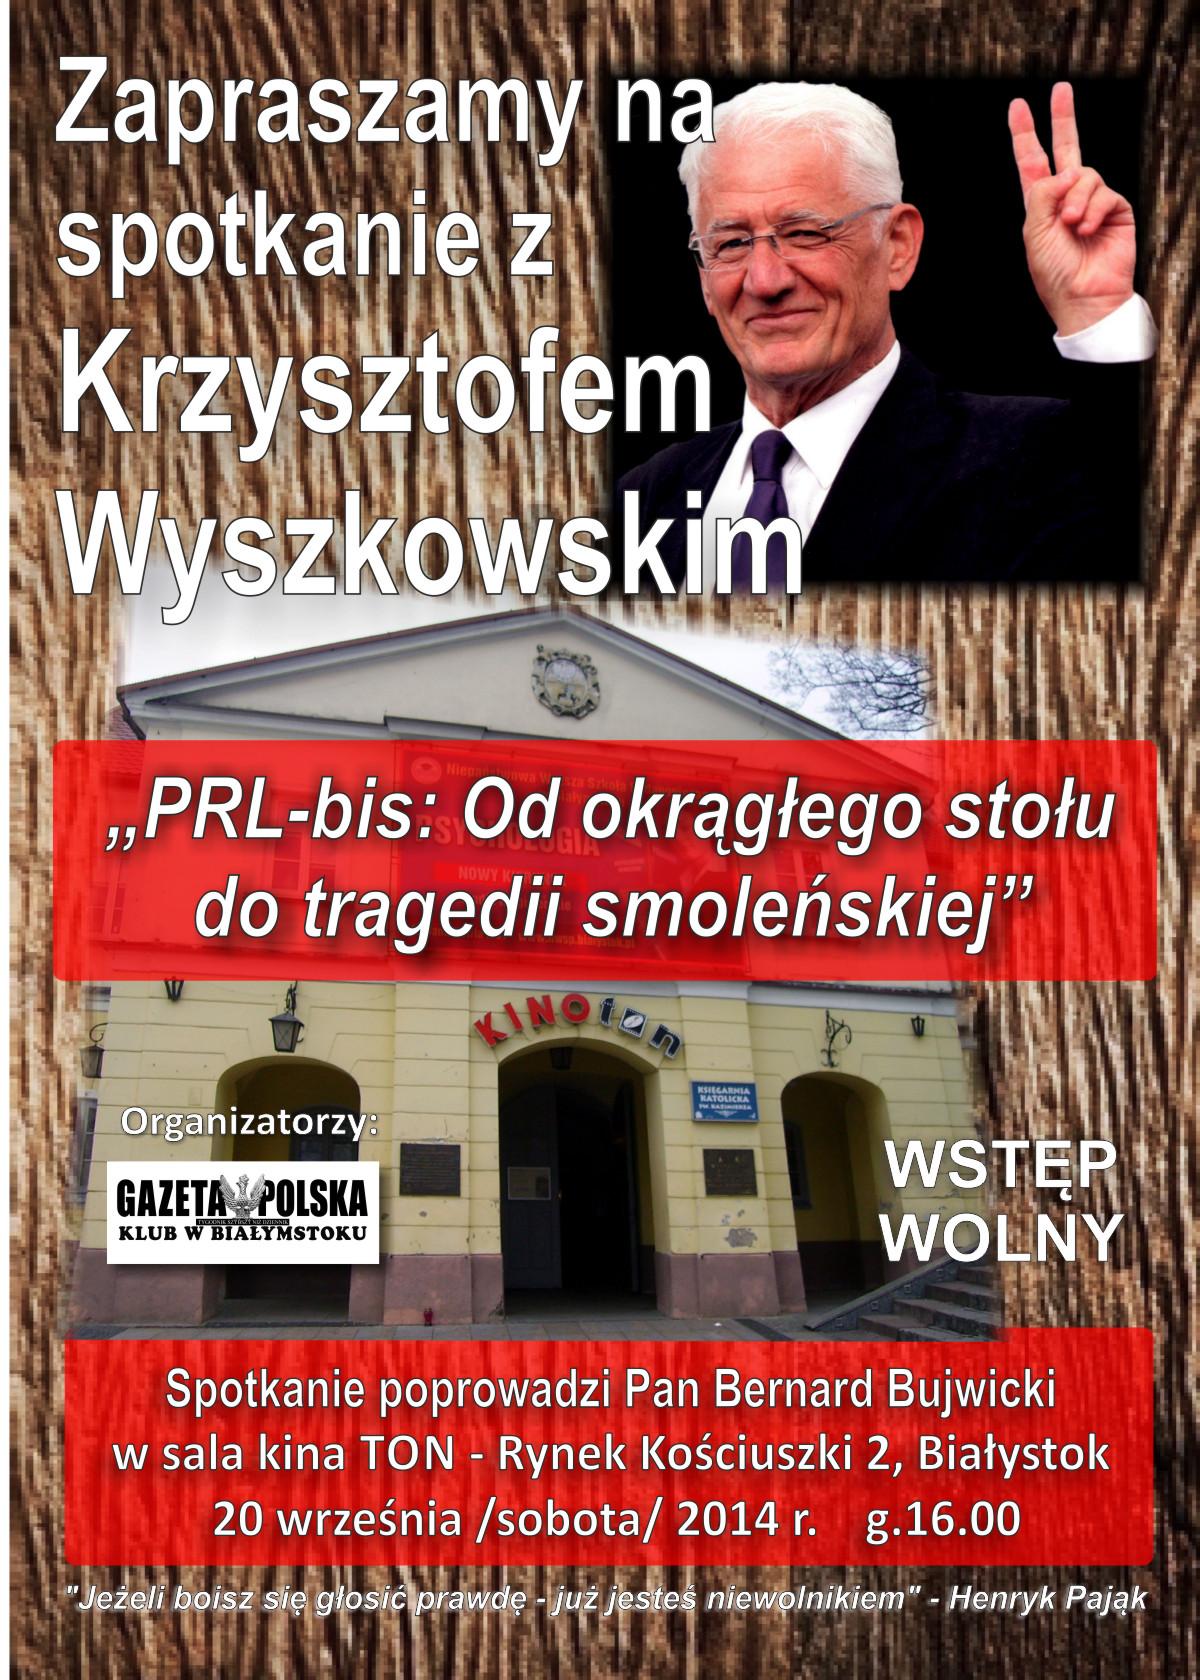 Bialystok_Wyszkowski